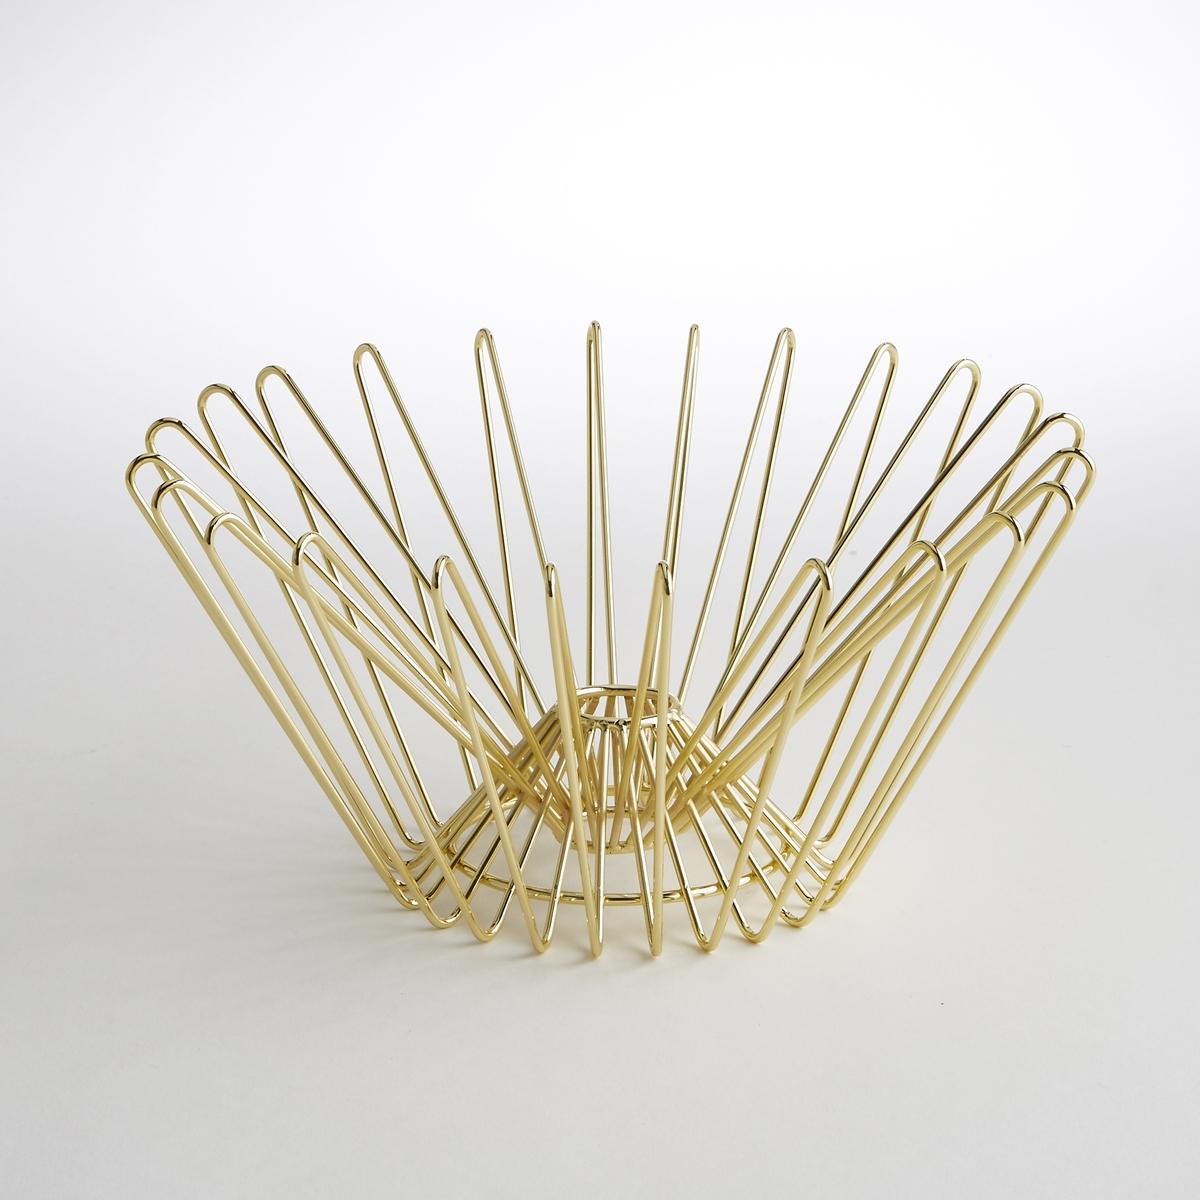 Корзина из латуни с золотистым покрытиемЭлегантная и изысканная корзина из латуни с золотистым покрытием добавит в Ваш интерьер винтажную нотку и сделает его менее классическим и более современным.Характеристики корзины из латуни с золотистым покрытием:Материал: латунь.Размеры корзины из латуни с золотистым покрытием:Диам. 30 x В14,5 см.Другие корзины и товары для организации рабочего места на сайте laredoute.ru<br><br>Цвет: латунь